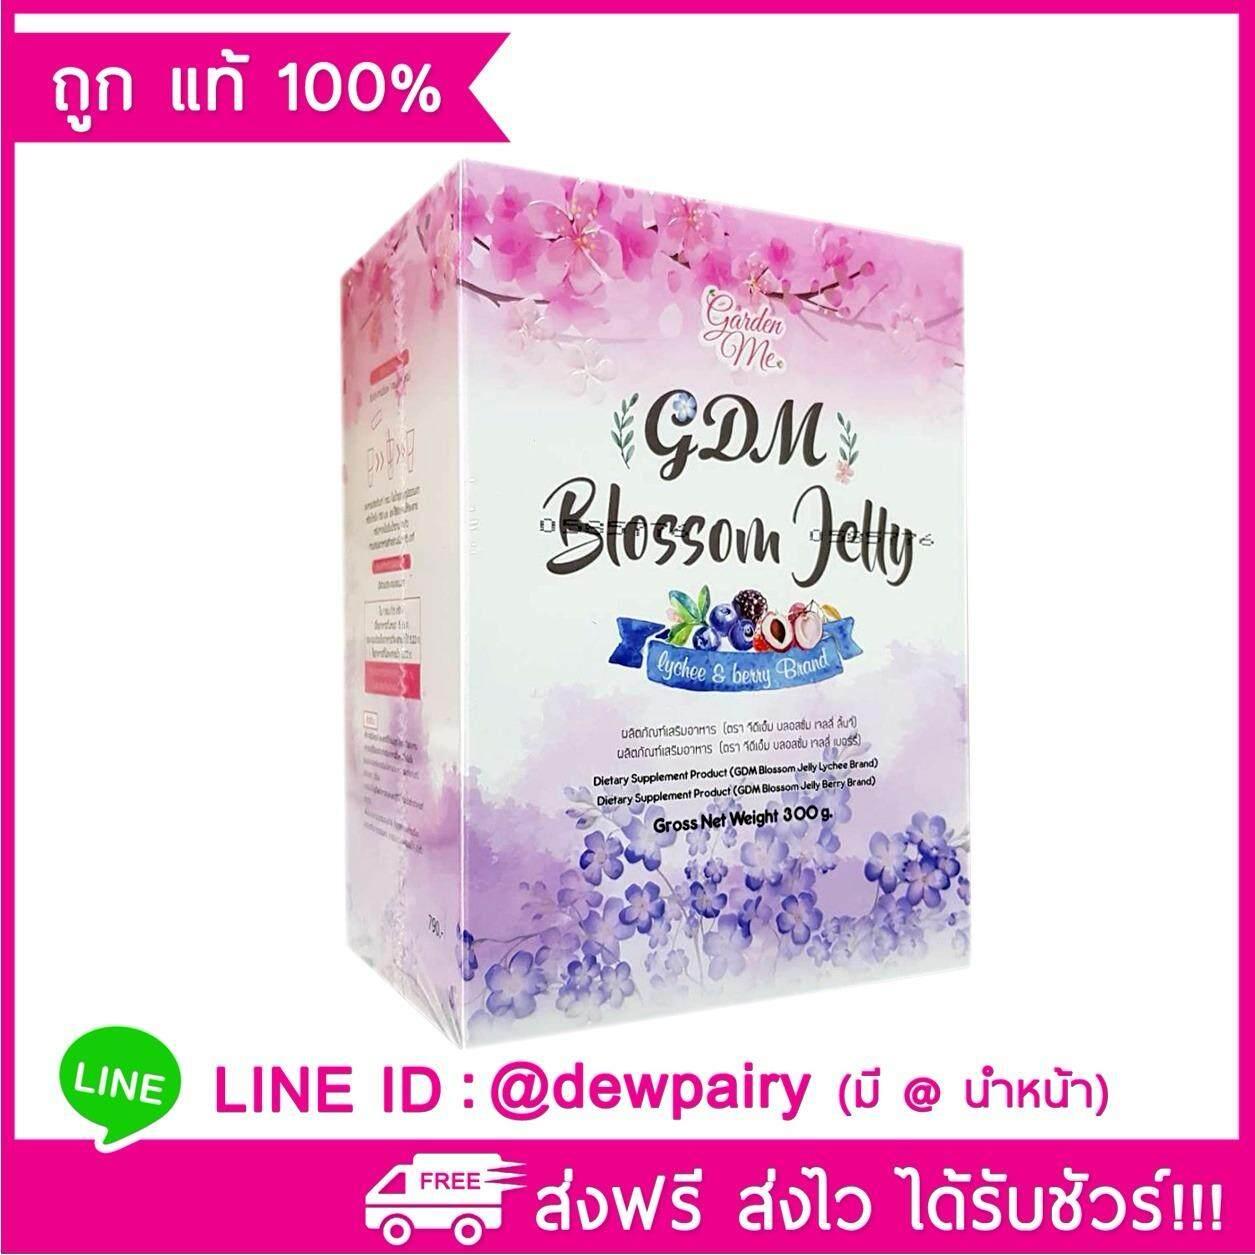 ขาย Garden Me Blossom Jelly การ์เด้น มี บอสซั่ม เจลลี่ บรรจุ 20 ซอง 1 กล่อง ของแท้ 100 ส่งไว Gdm Blossom Jelly By ใหม่ดาวิกา ใน กรุงเทพมหานคร